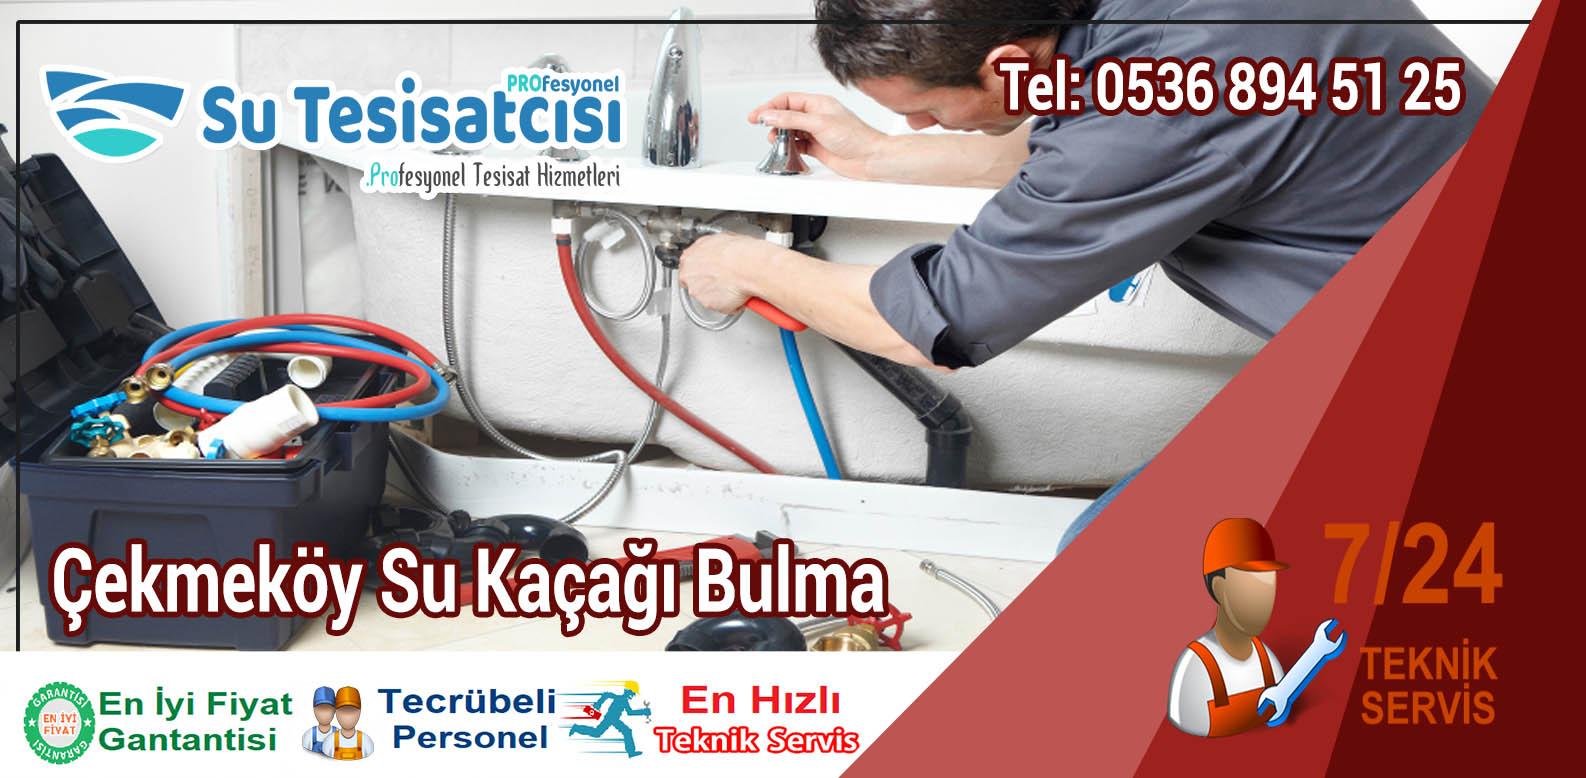 Çekmeköy Su Tesisatçısı işlerinden faydalanmak adına hemen firmamızın kalitesini arayarak görün.